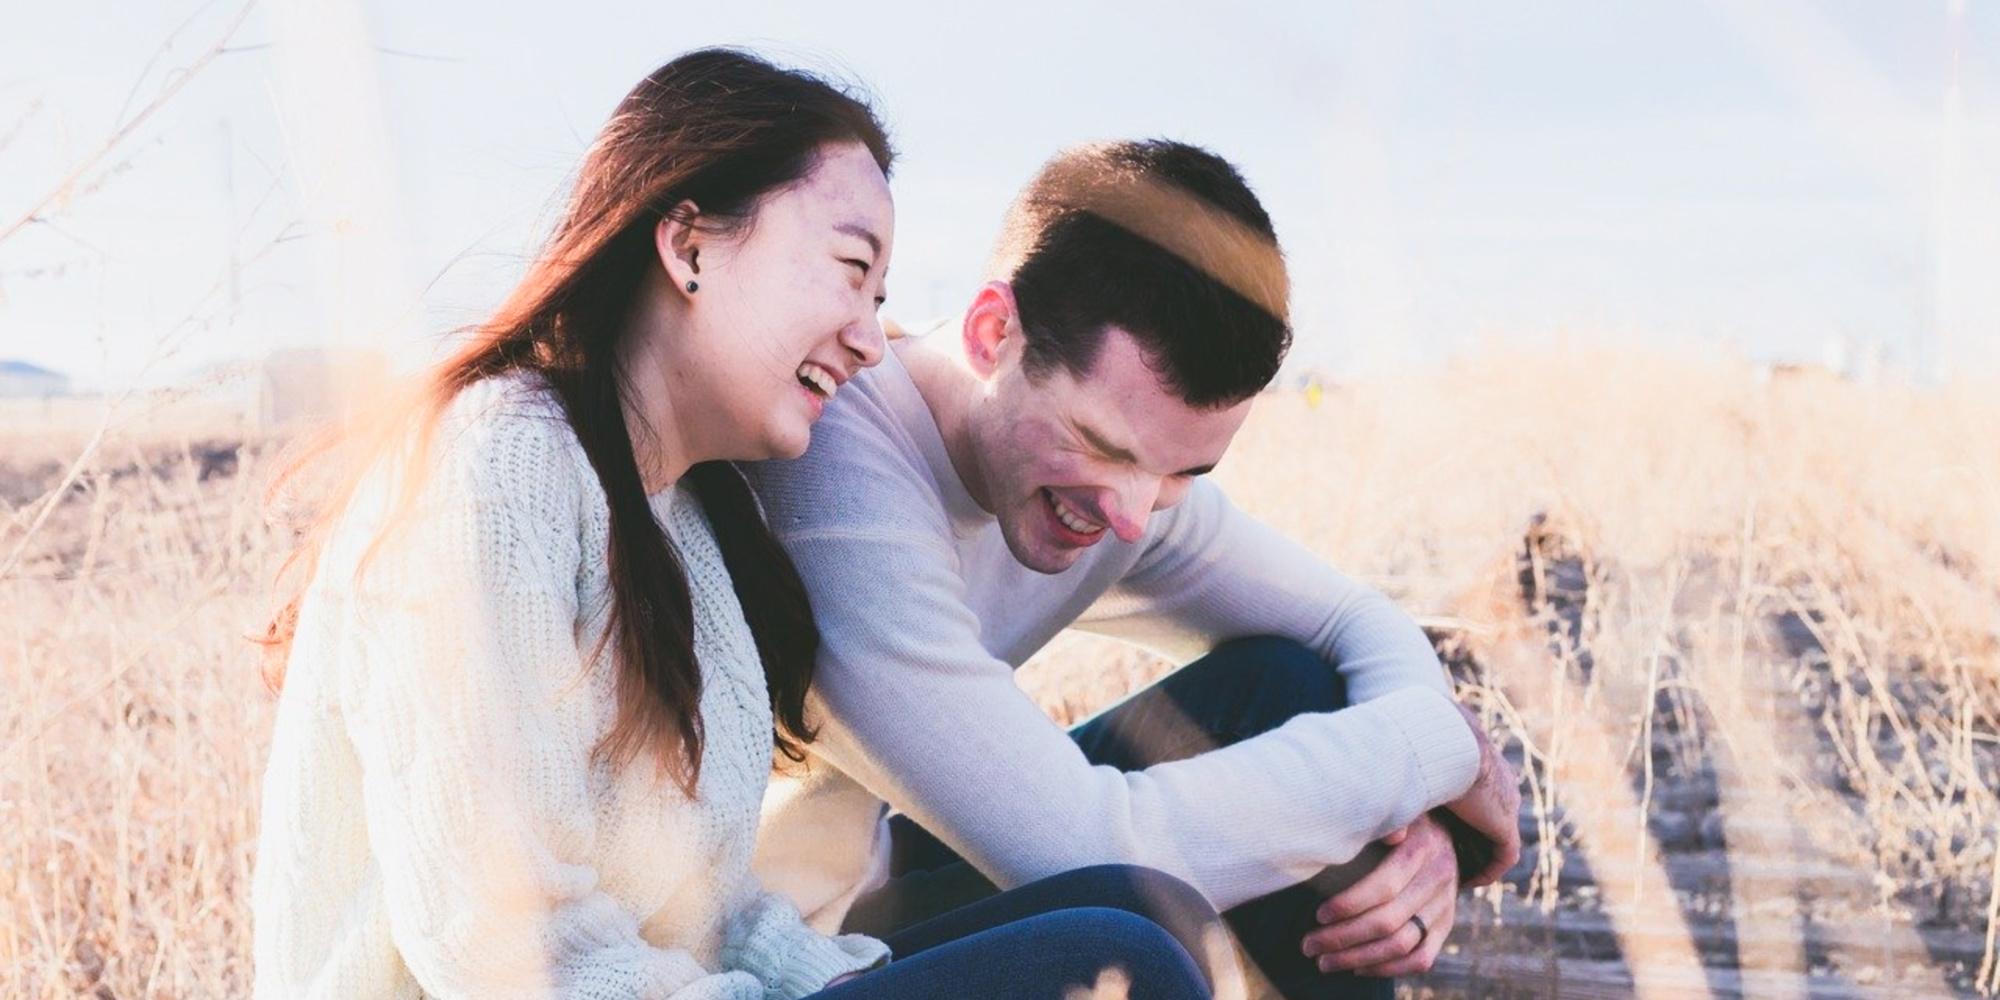 Pourquoi le rire a des vertus thérapeutiques - Europe 1